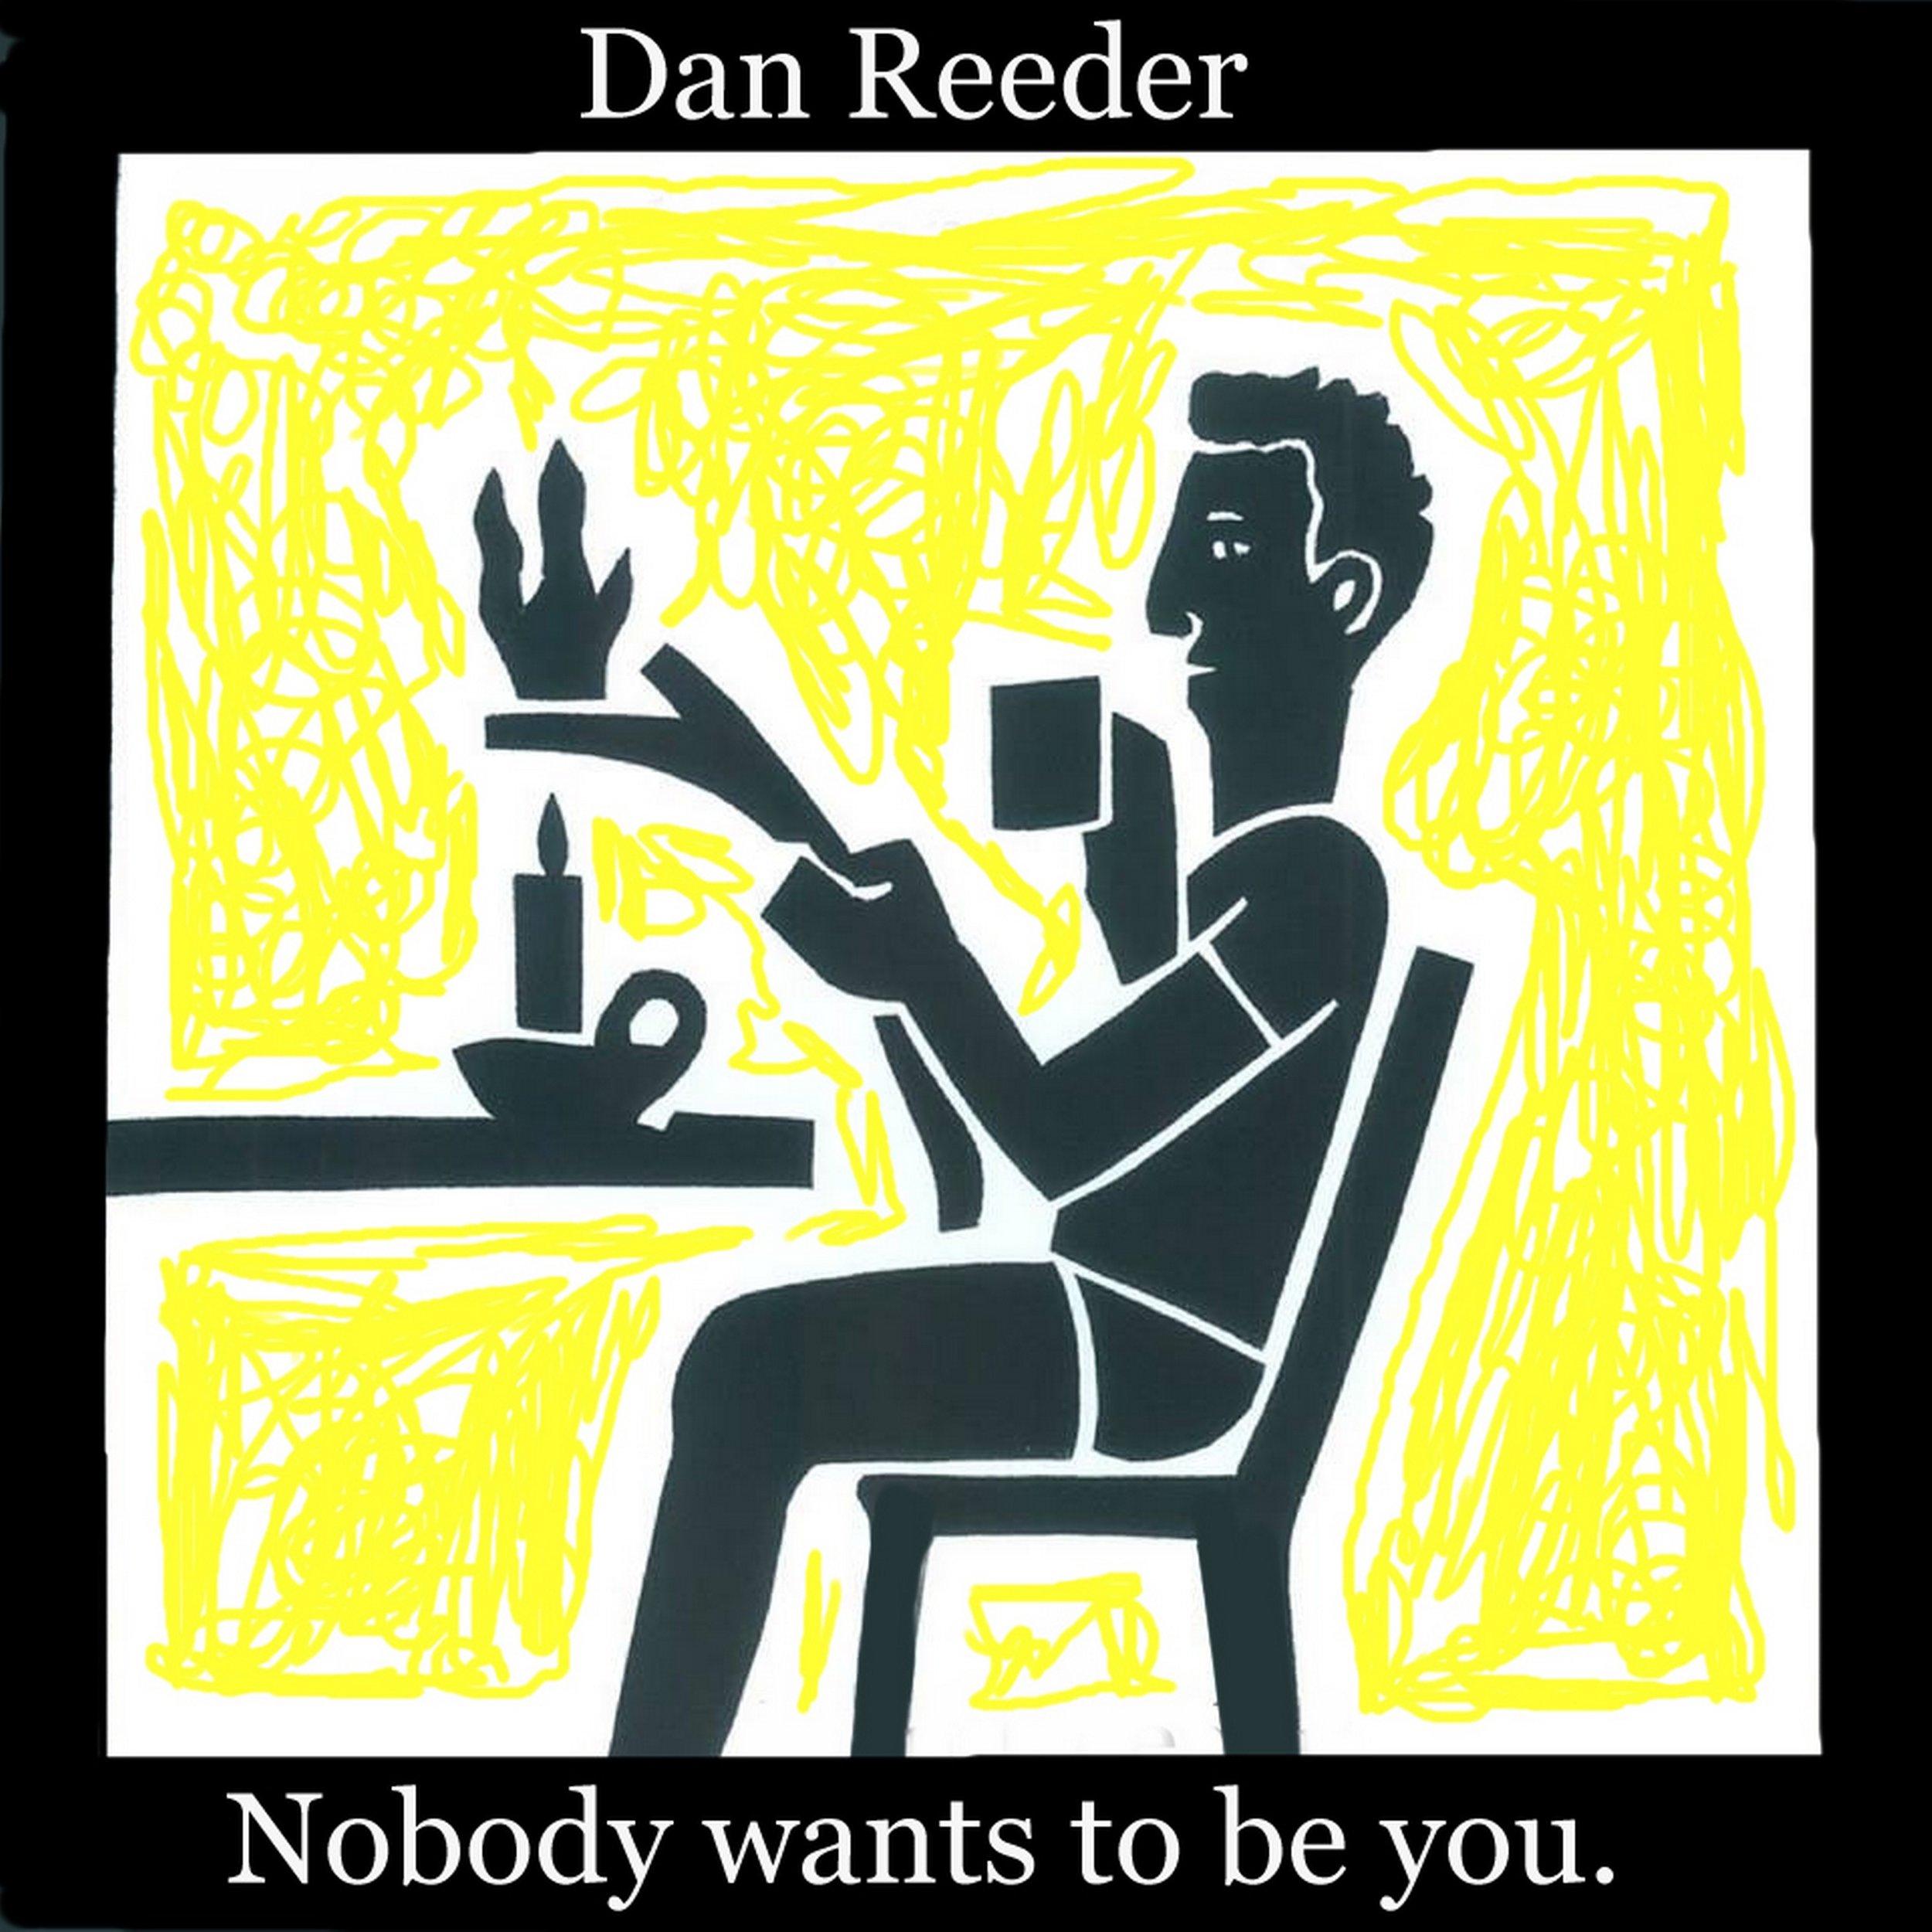 DAN REEDER -